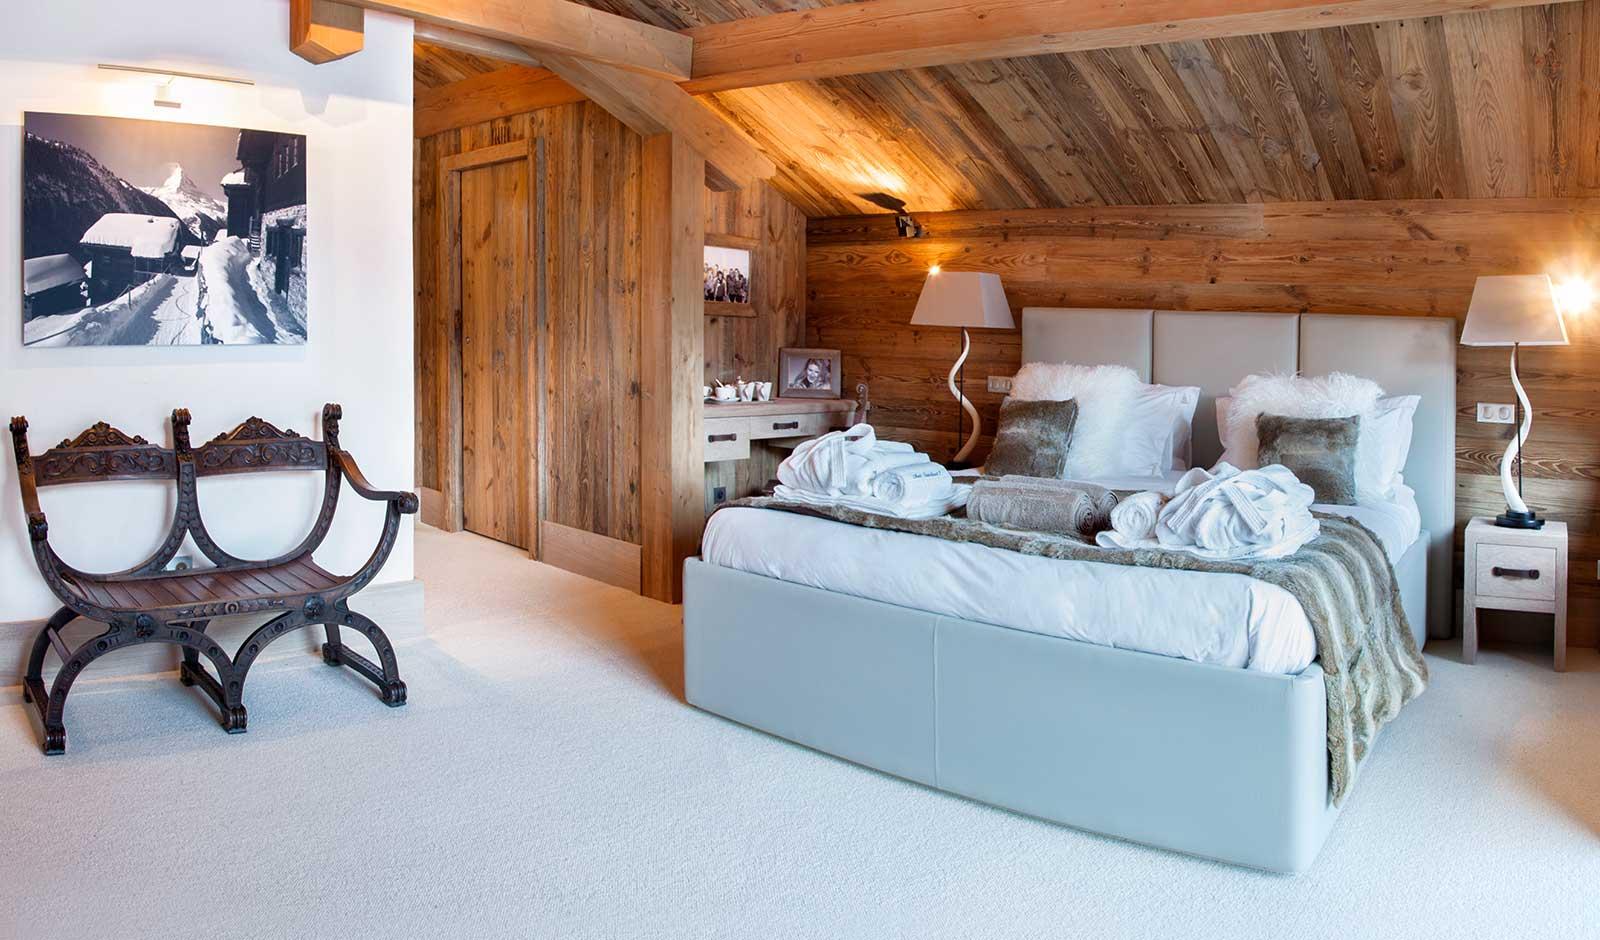 chalet-mont-tremblant-7-atelier-crea-and-co-architecte-design-project-manager-meribel-savoie